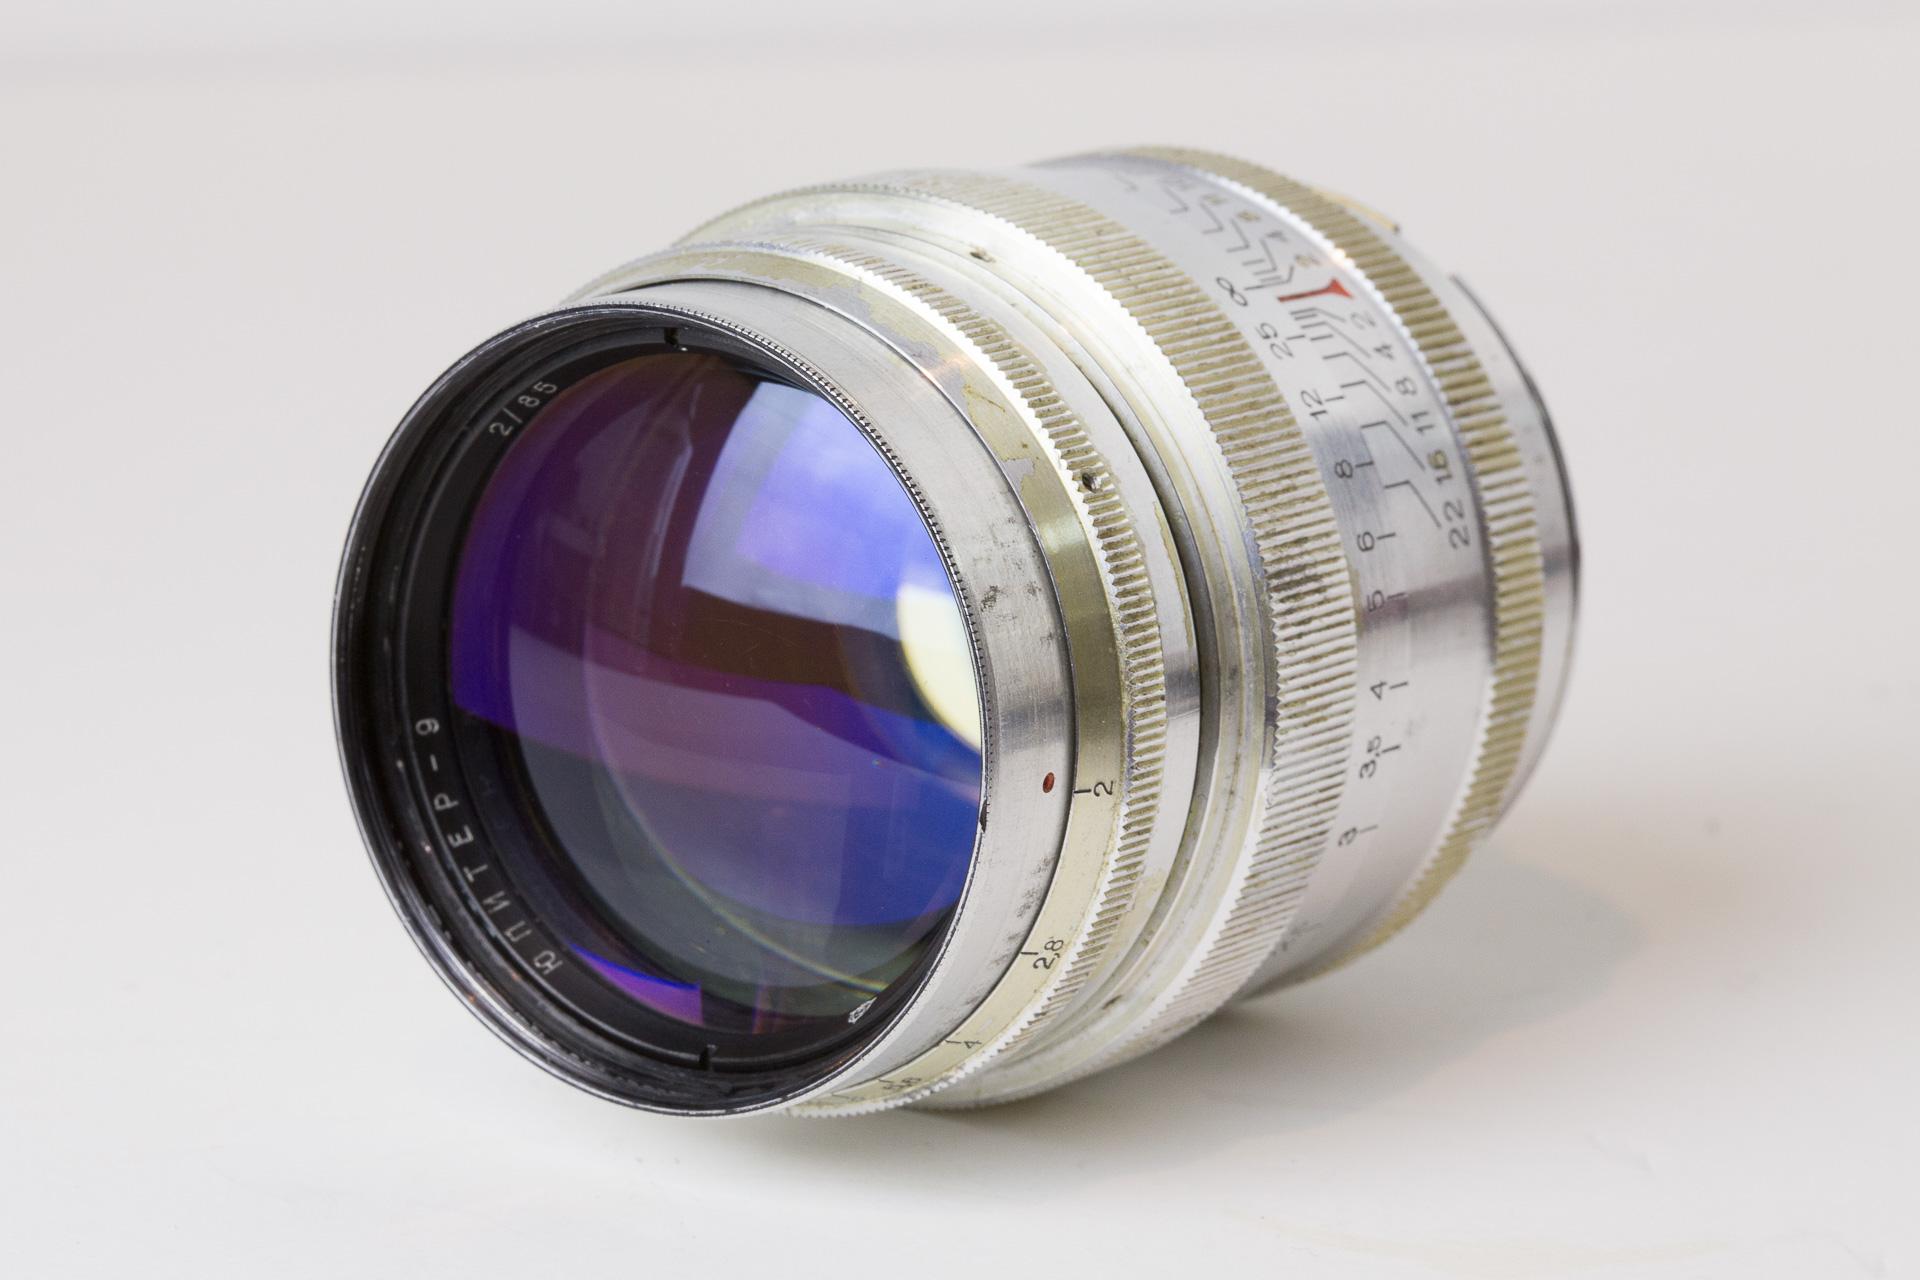 jupiter-9 85mm F2 Canon EOS 6D, EF 100mm F2.8 Macro USM